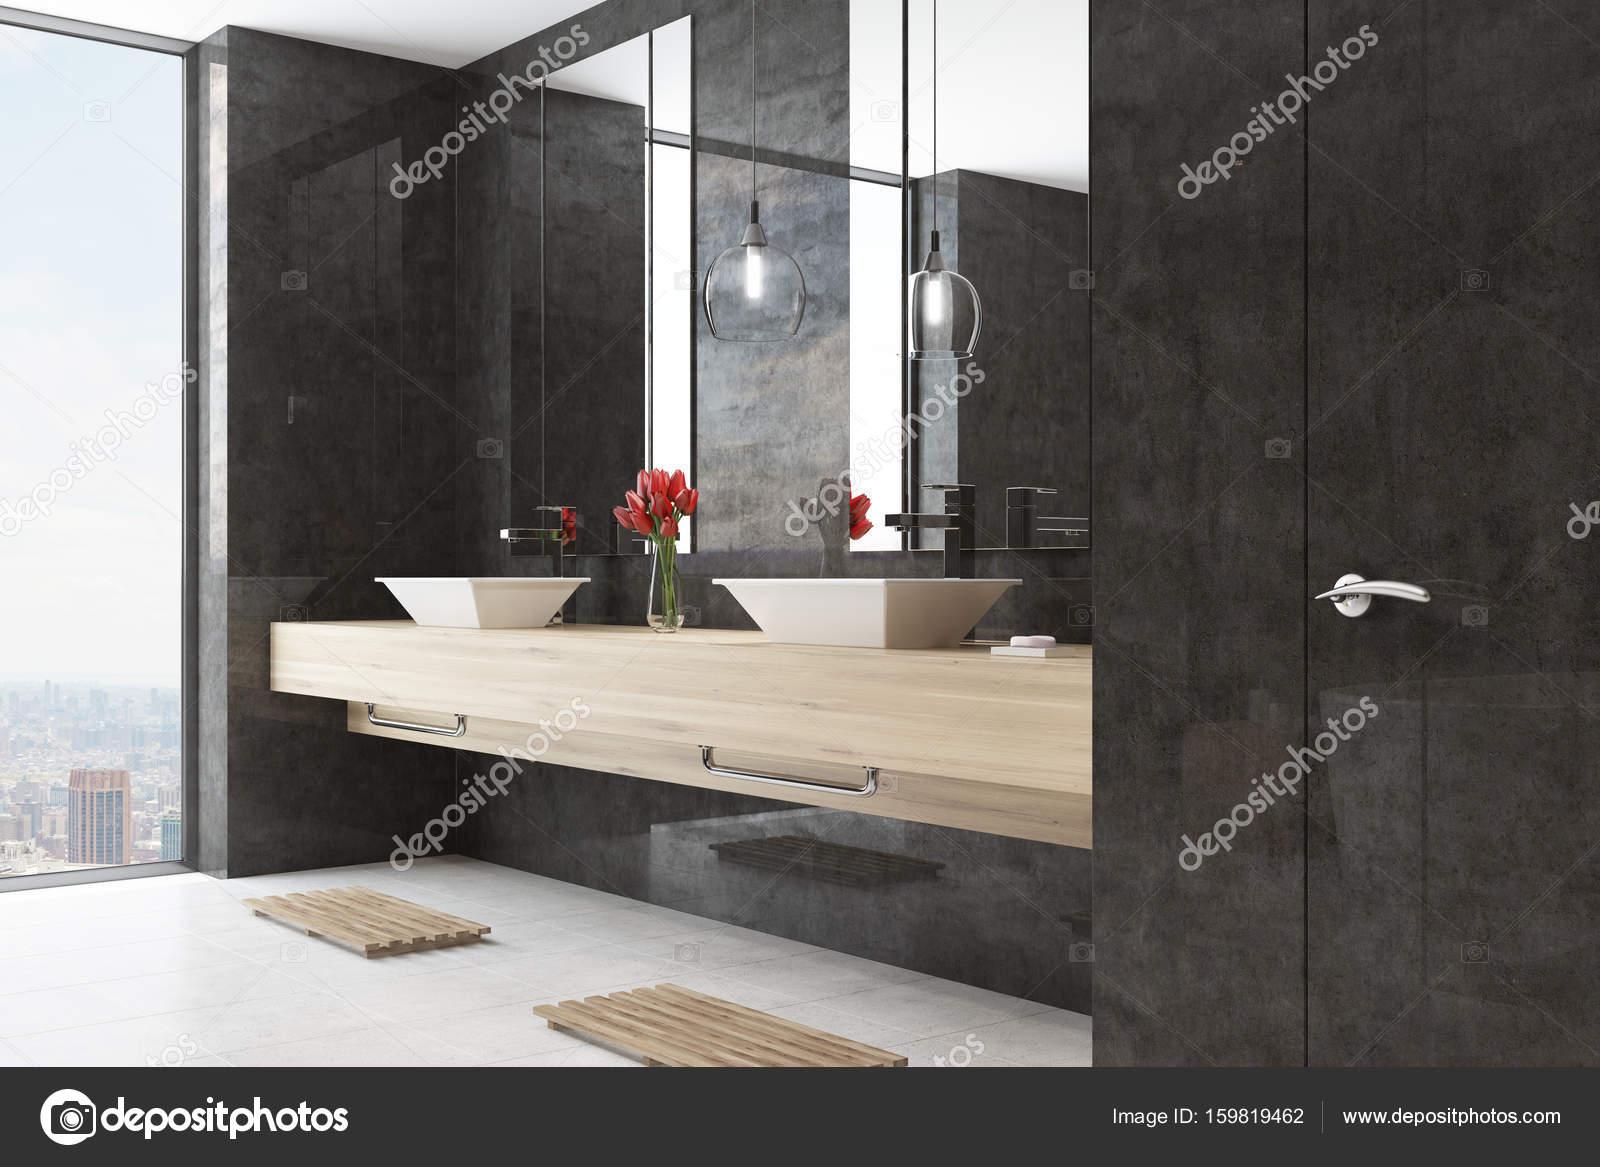 Badkamer met zwarte kraan interesting epak torneira wastafel